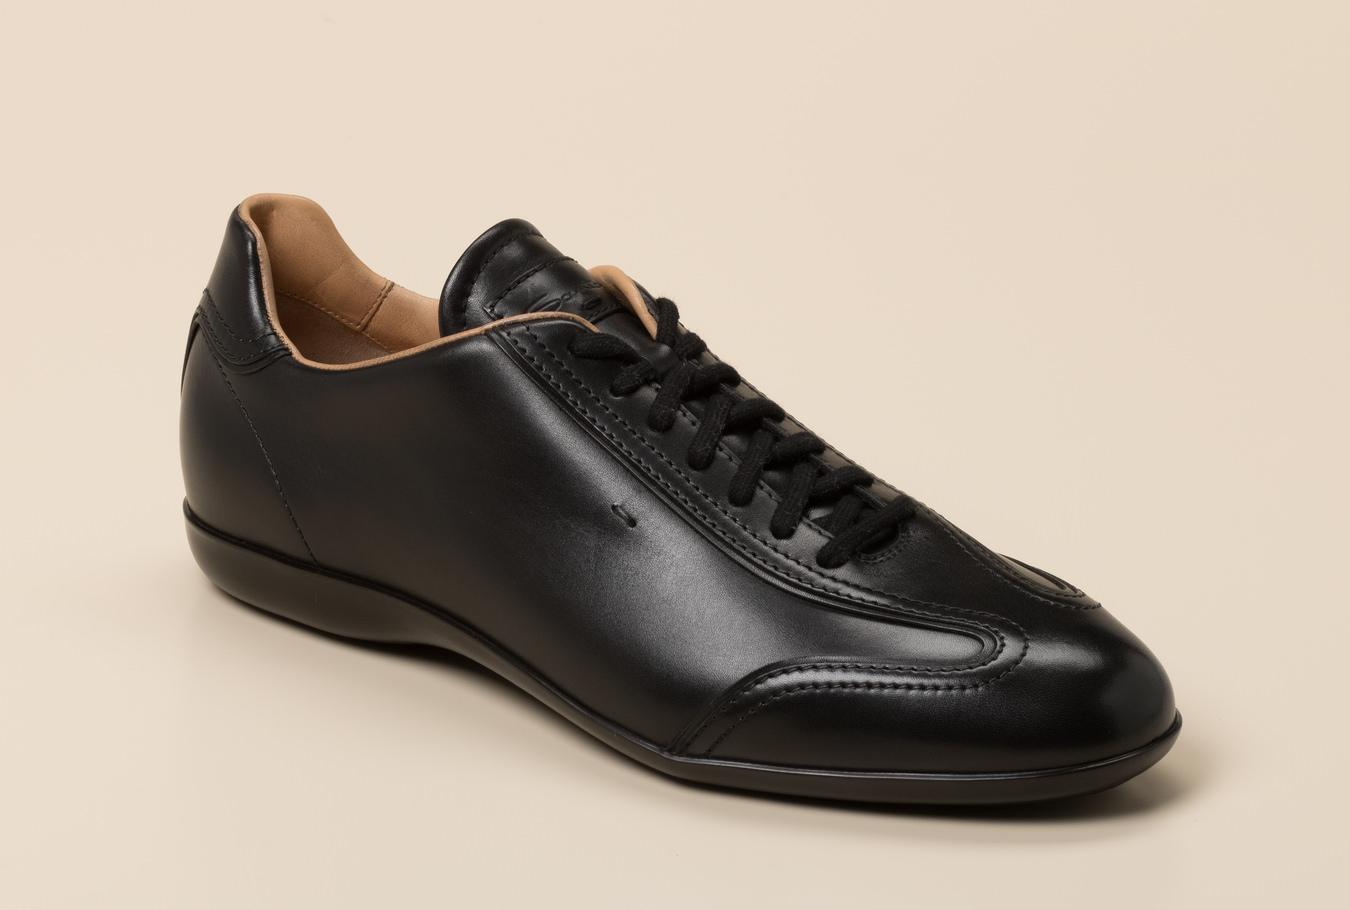 Santoni Herren Sneaker in schwarz kaufen   Zumnorde Online Shop